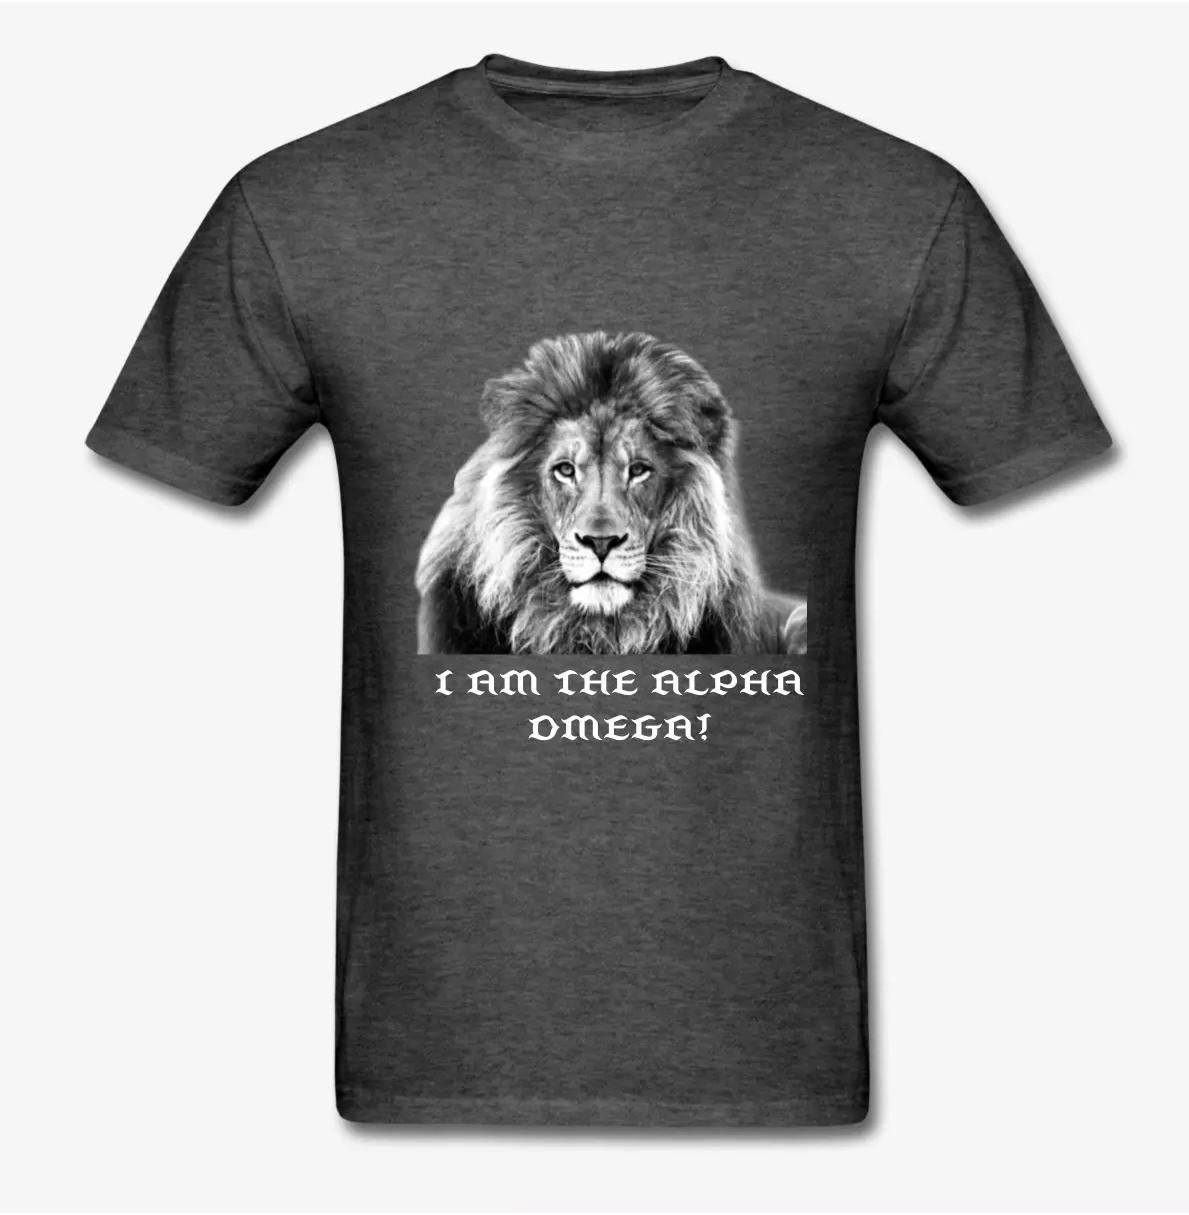 LION ALPHA OMEGA